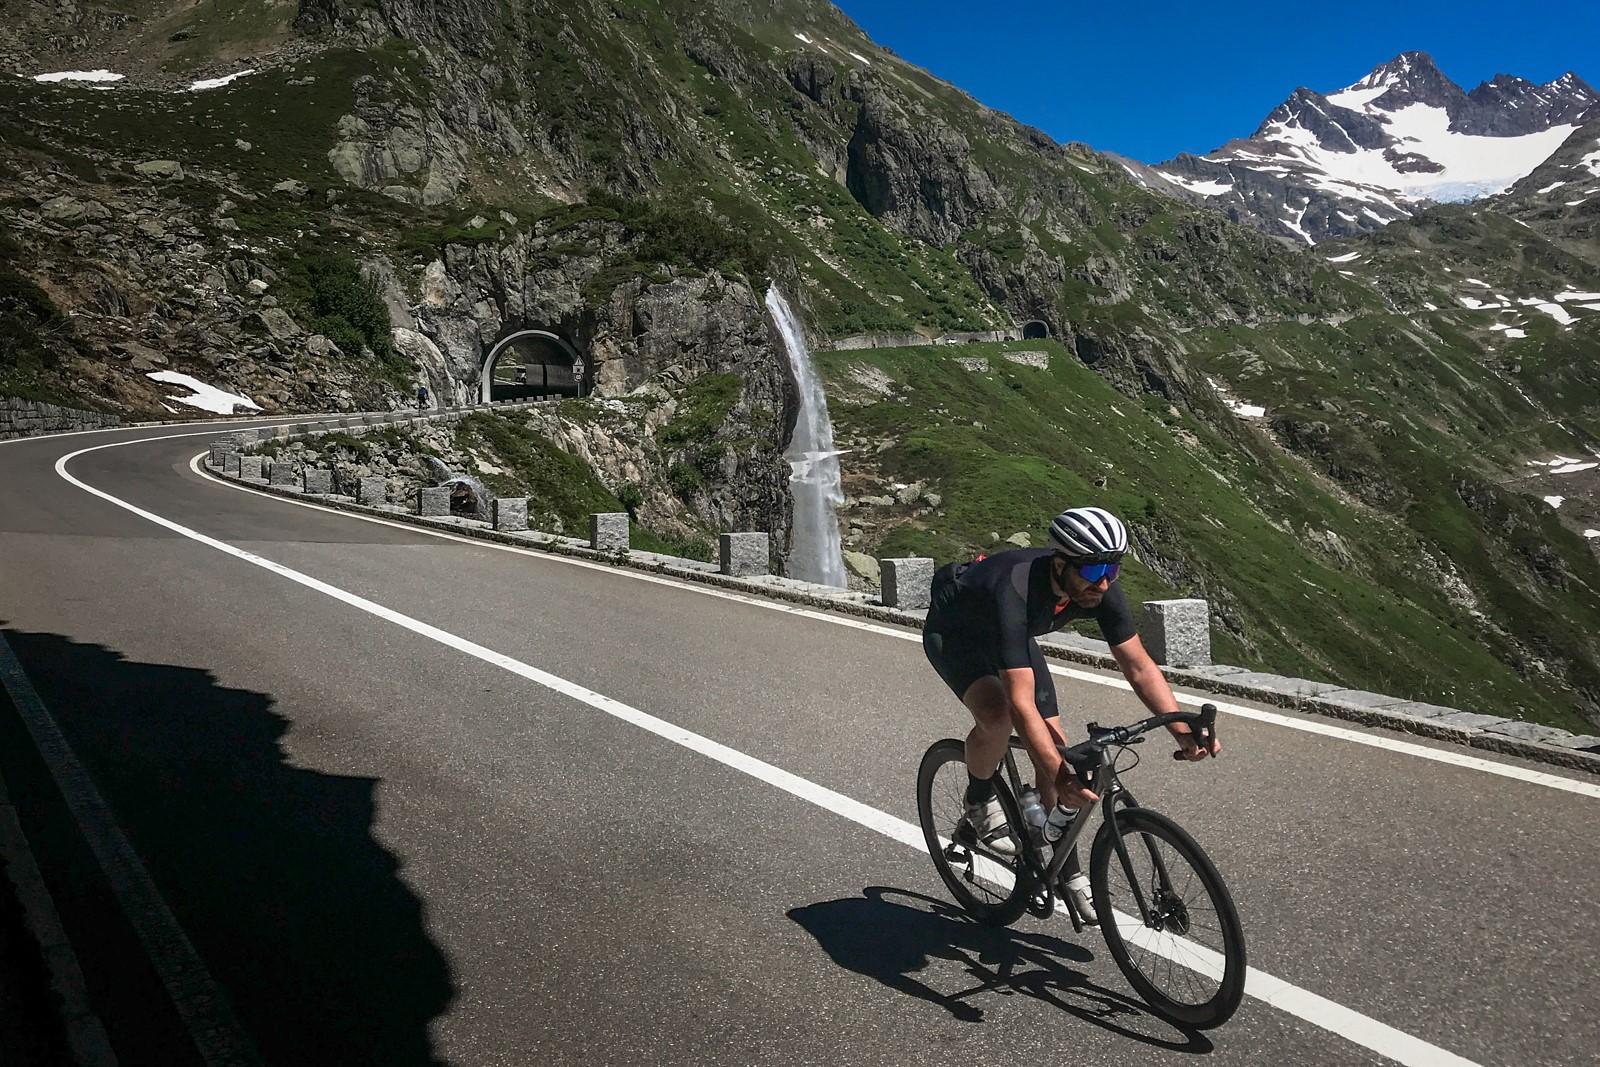 Průměrná rychlost třicet kilometrů je metou i na trase vedoucí v kopcích. Foto: Michal Červený